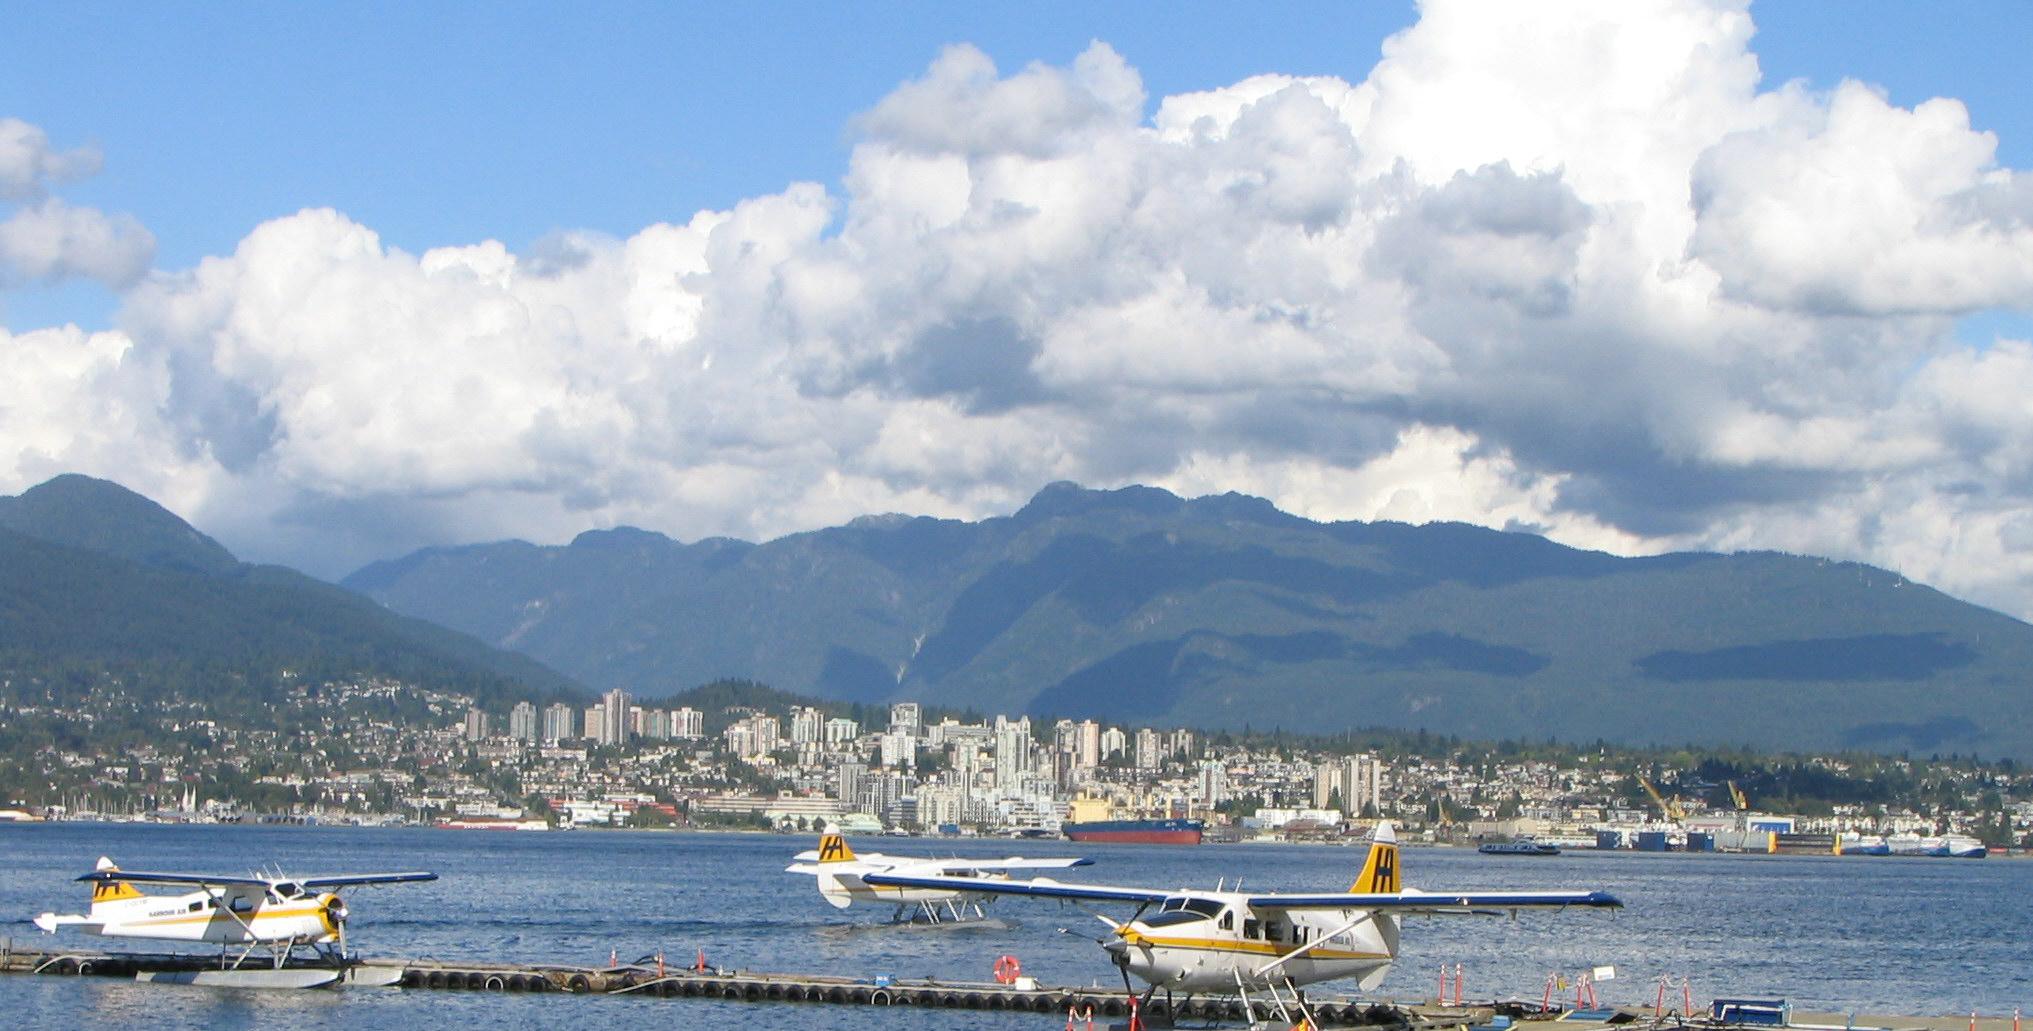 مدينة فانكوفـر -غرب كندا North_Vancouver_Cana